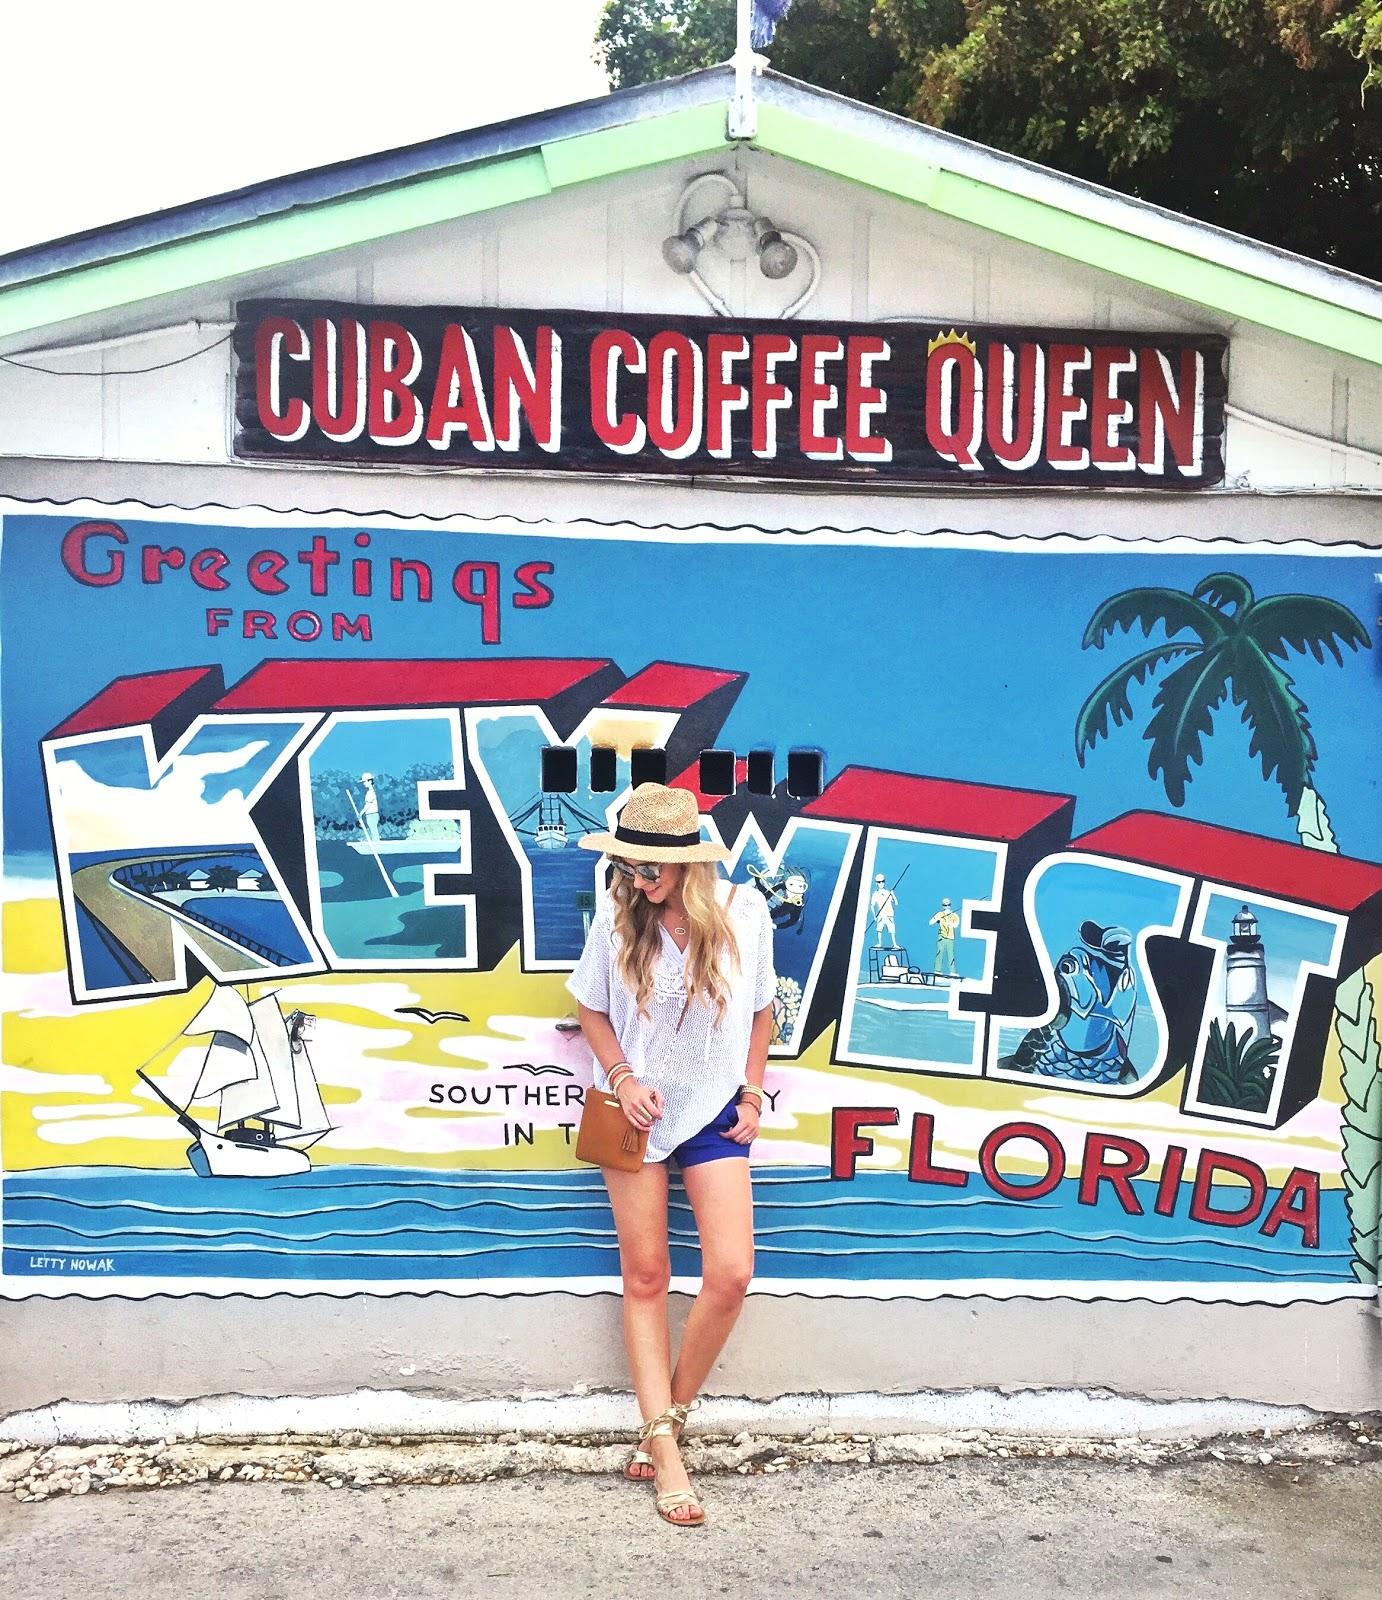 Southern Cross Hotel Key West